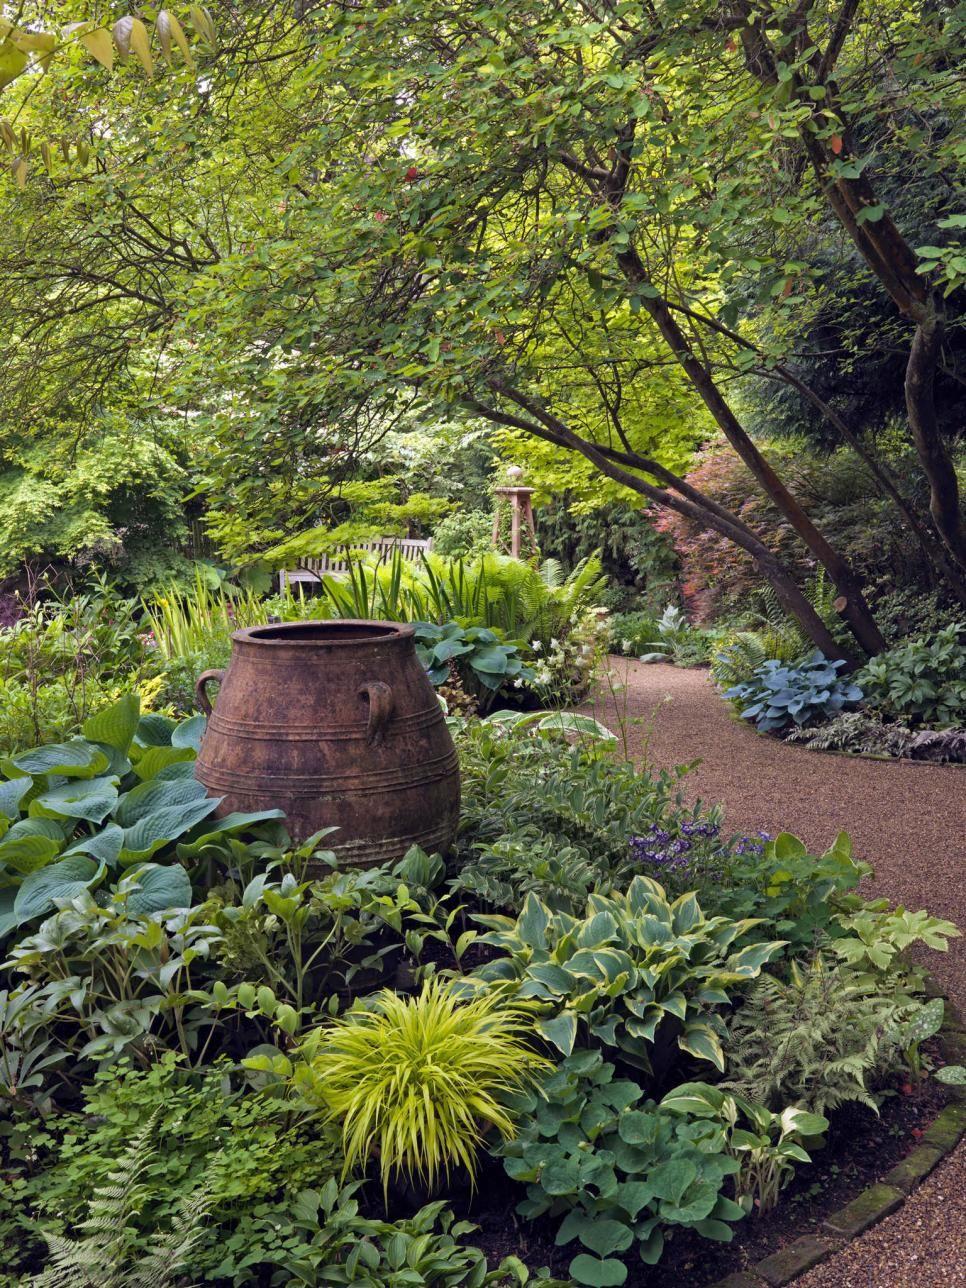 Wunderbare Hinterhof Garten Pflanzen Ideen #Garten #Gartenplanung # GartenIdeen